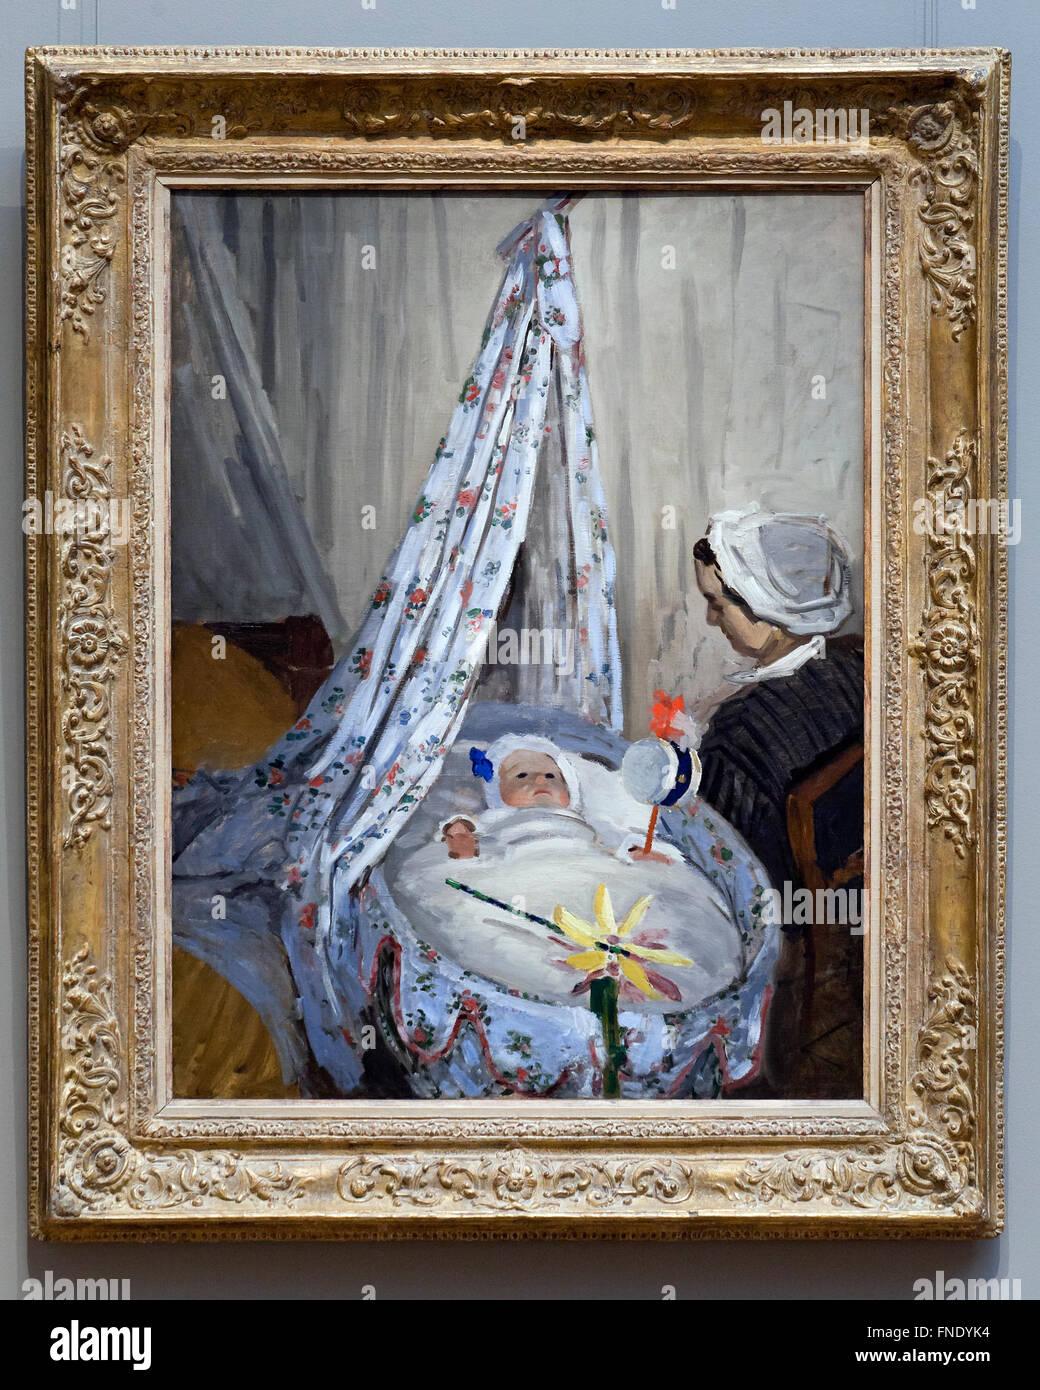 Le berceau - Camille avec le Fils de l'artiste, Jean Claude Monet, 1867 Photo Stock